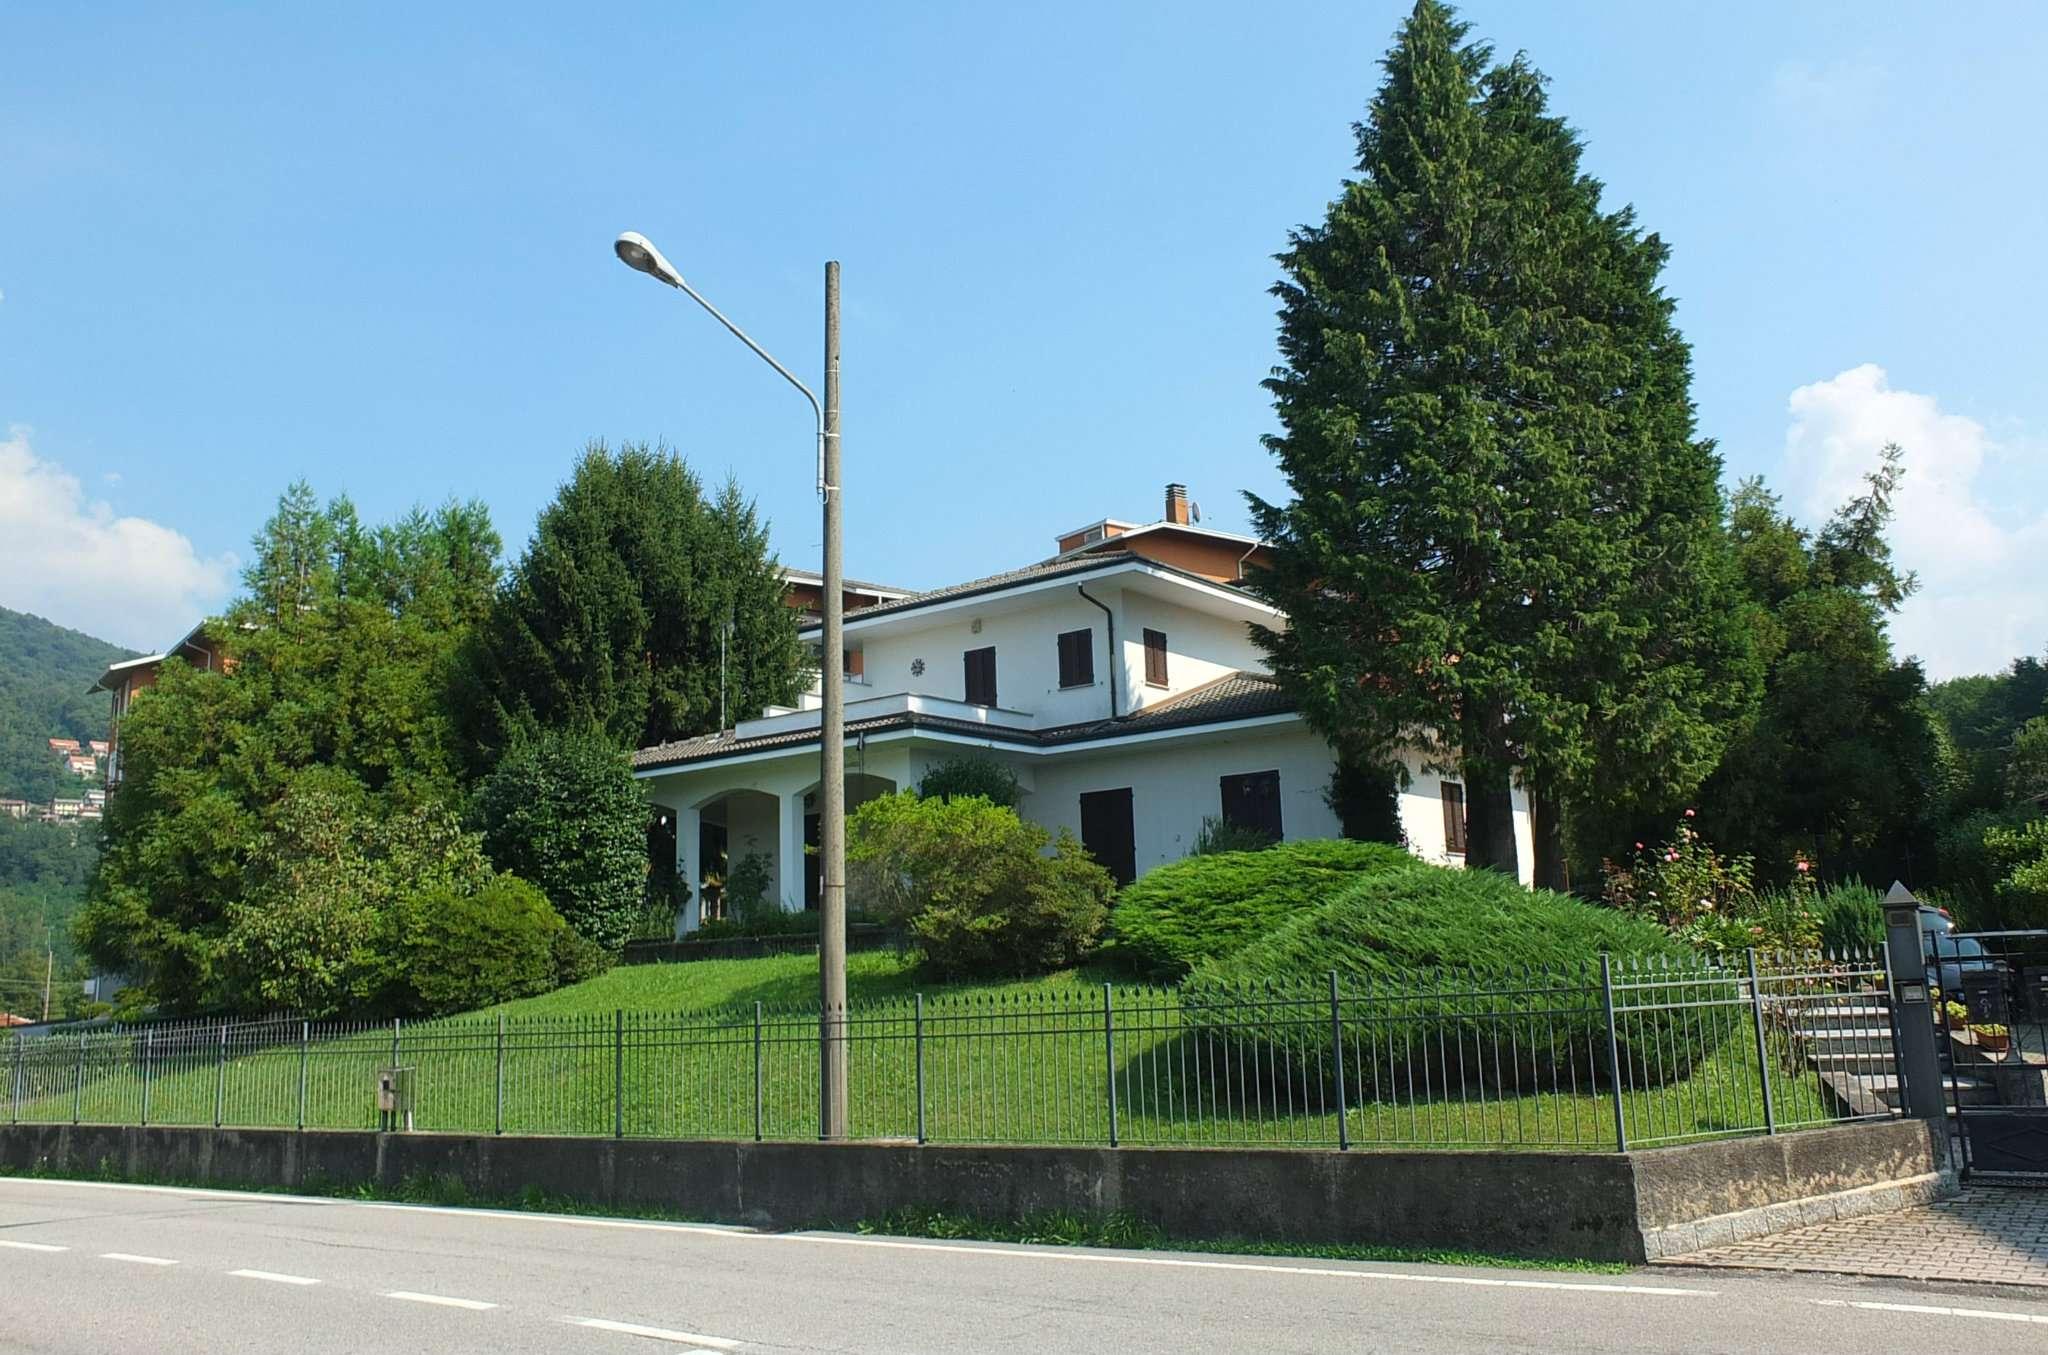 Soluzione Indipendente in vendita a Luino, 6 locali, prezzo € 450.000 | CambioCasa.it